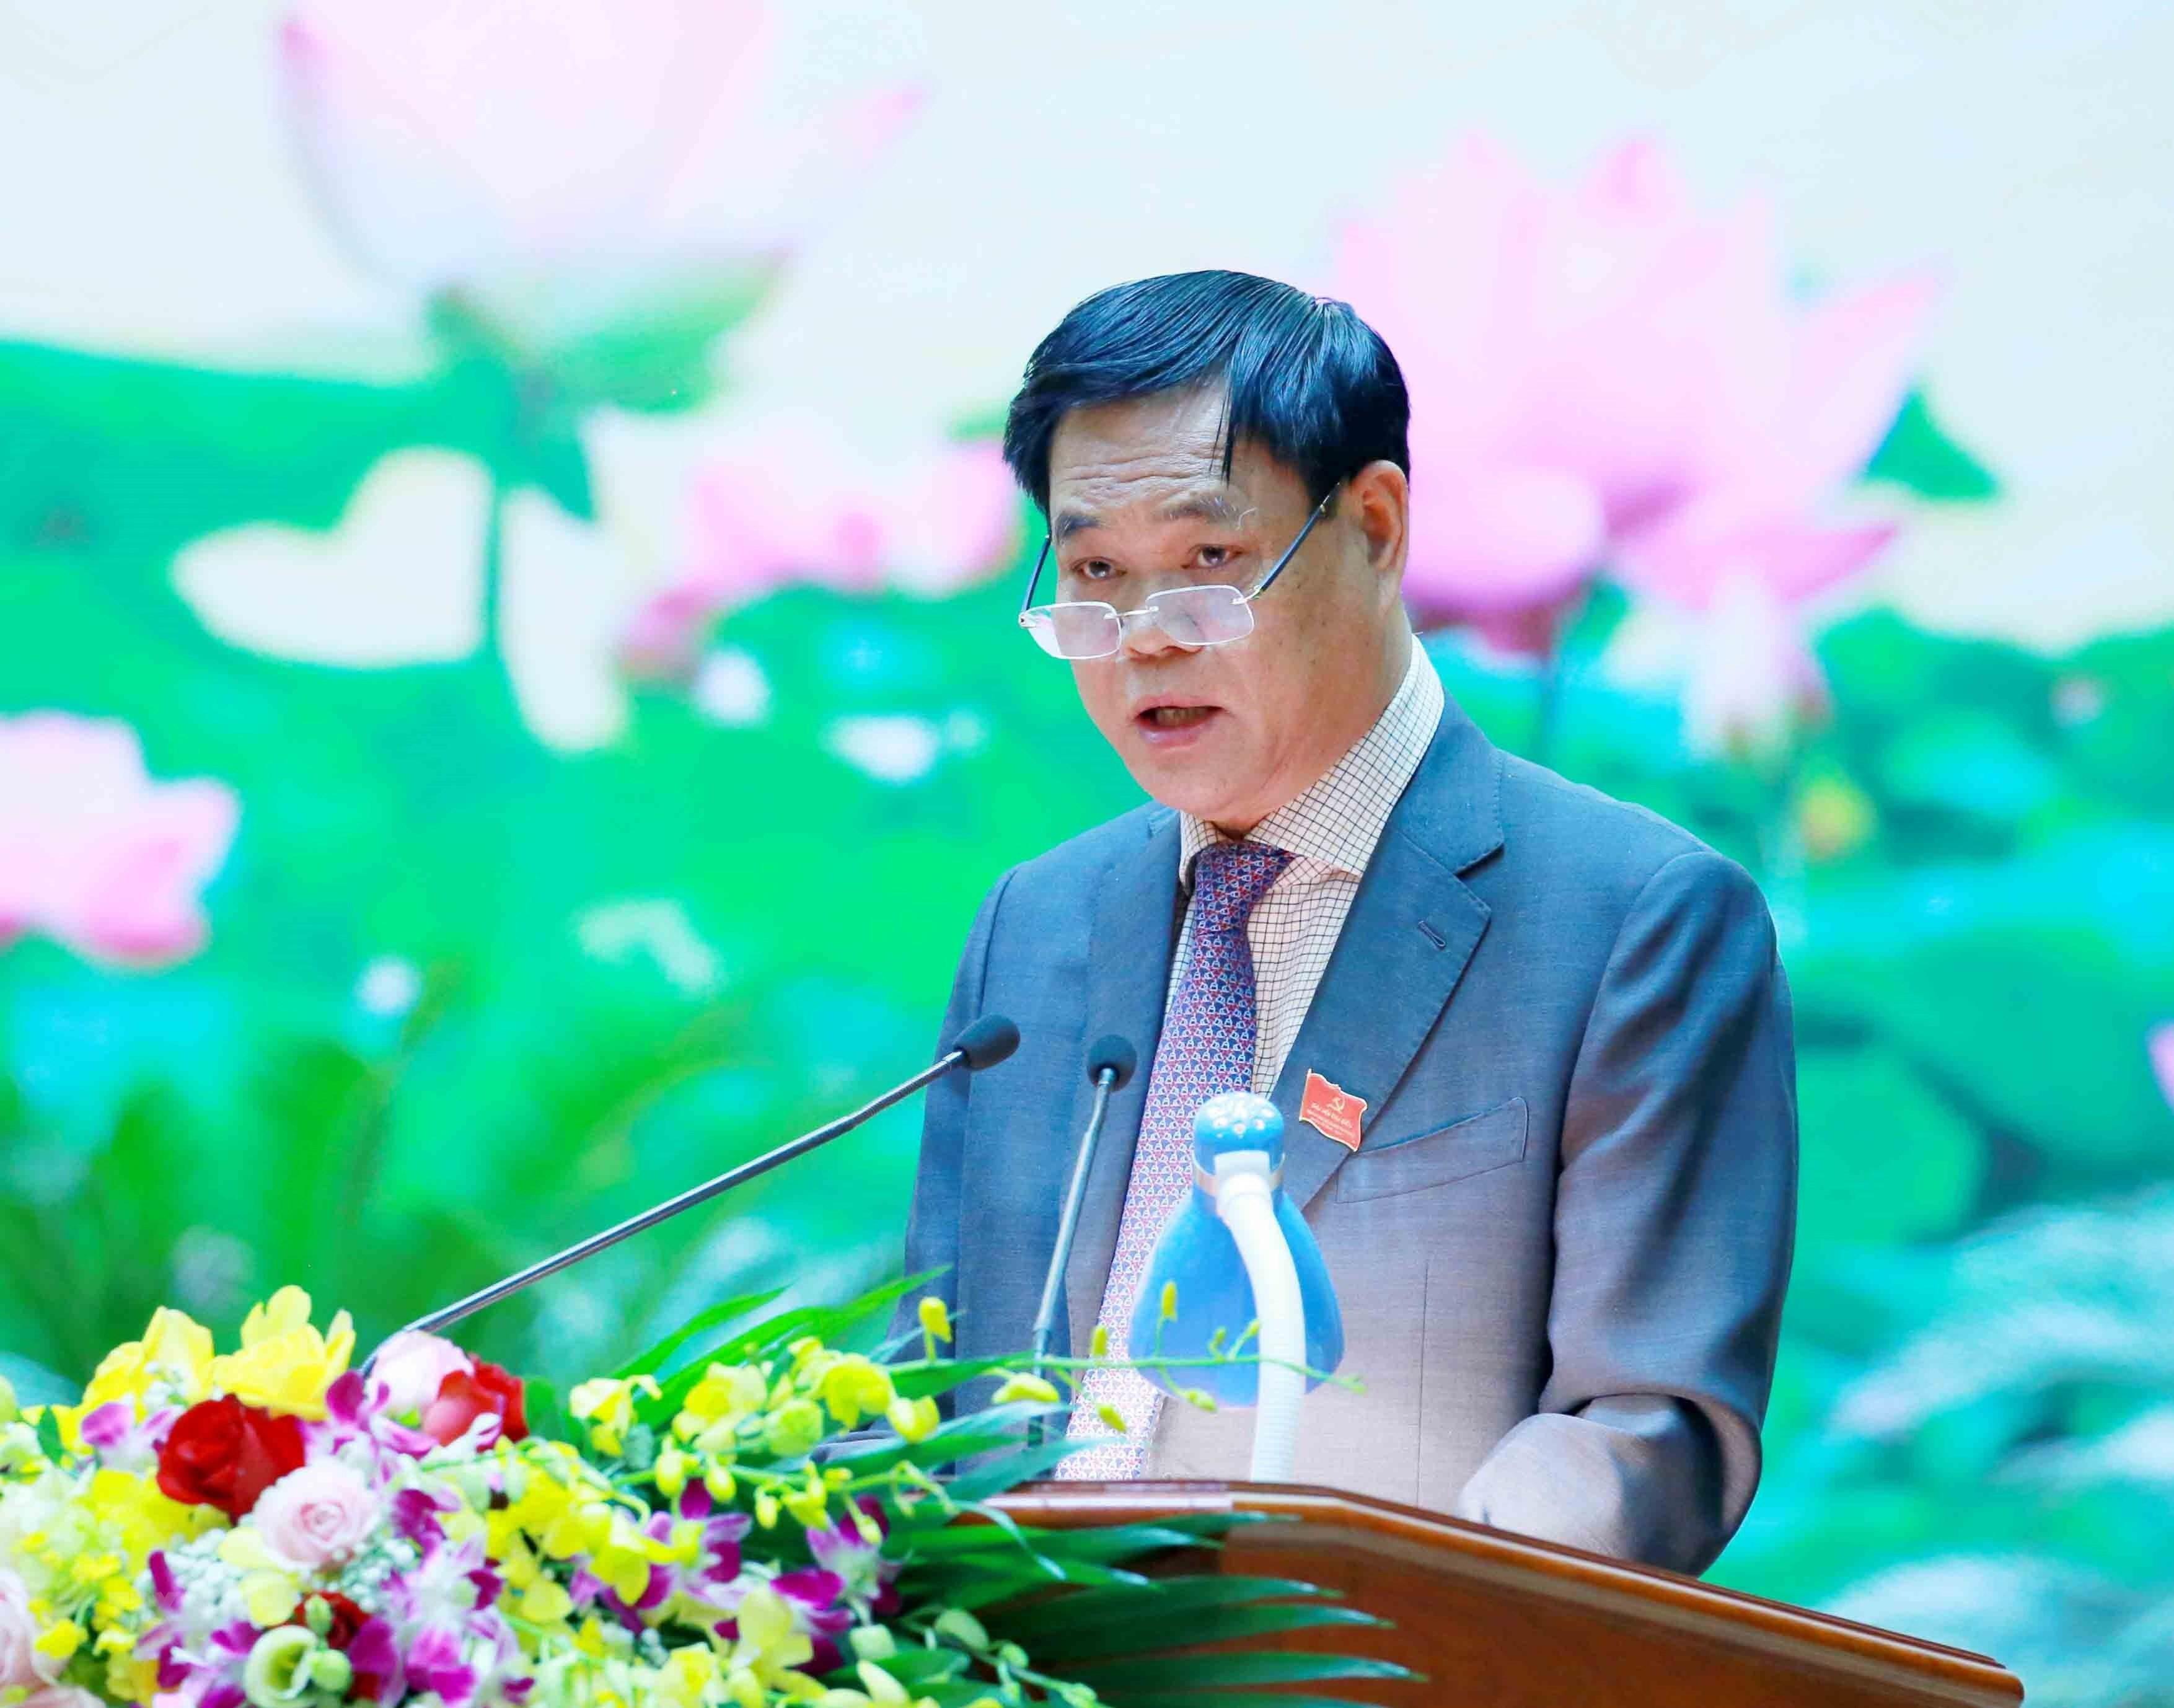 Đồng chí Huỳnh Tấn Việt được bầu giữ chức Bí thư Đảng ủy Khối các cơ quan Trung ương nhiệm kỳ 2020-2025